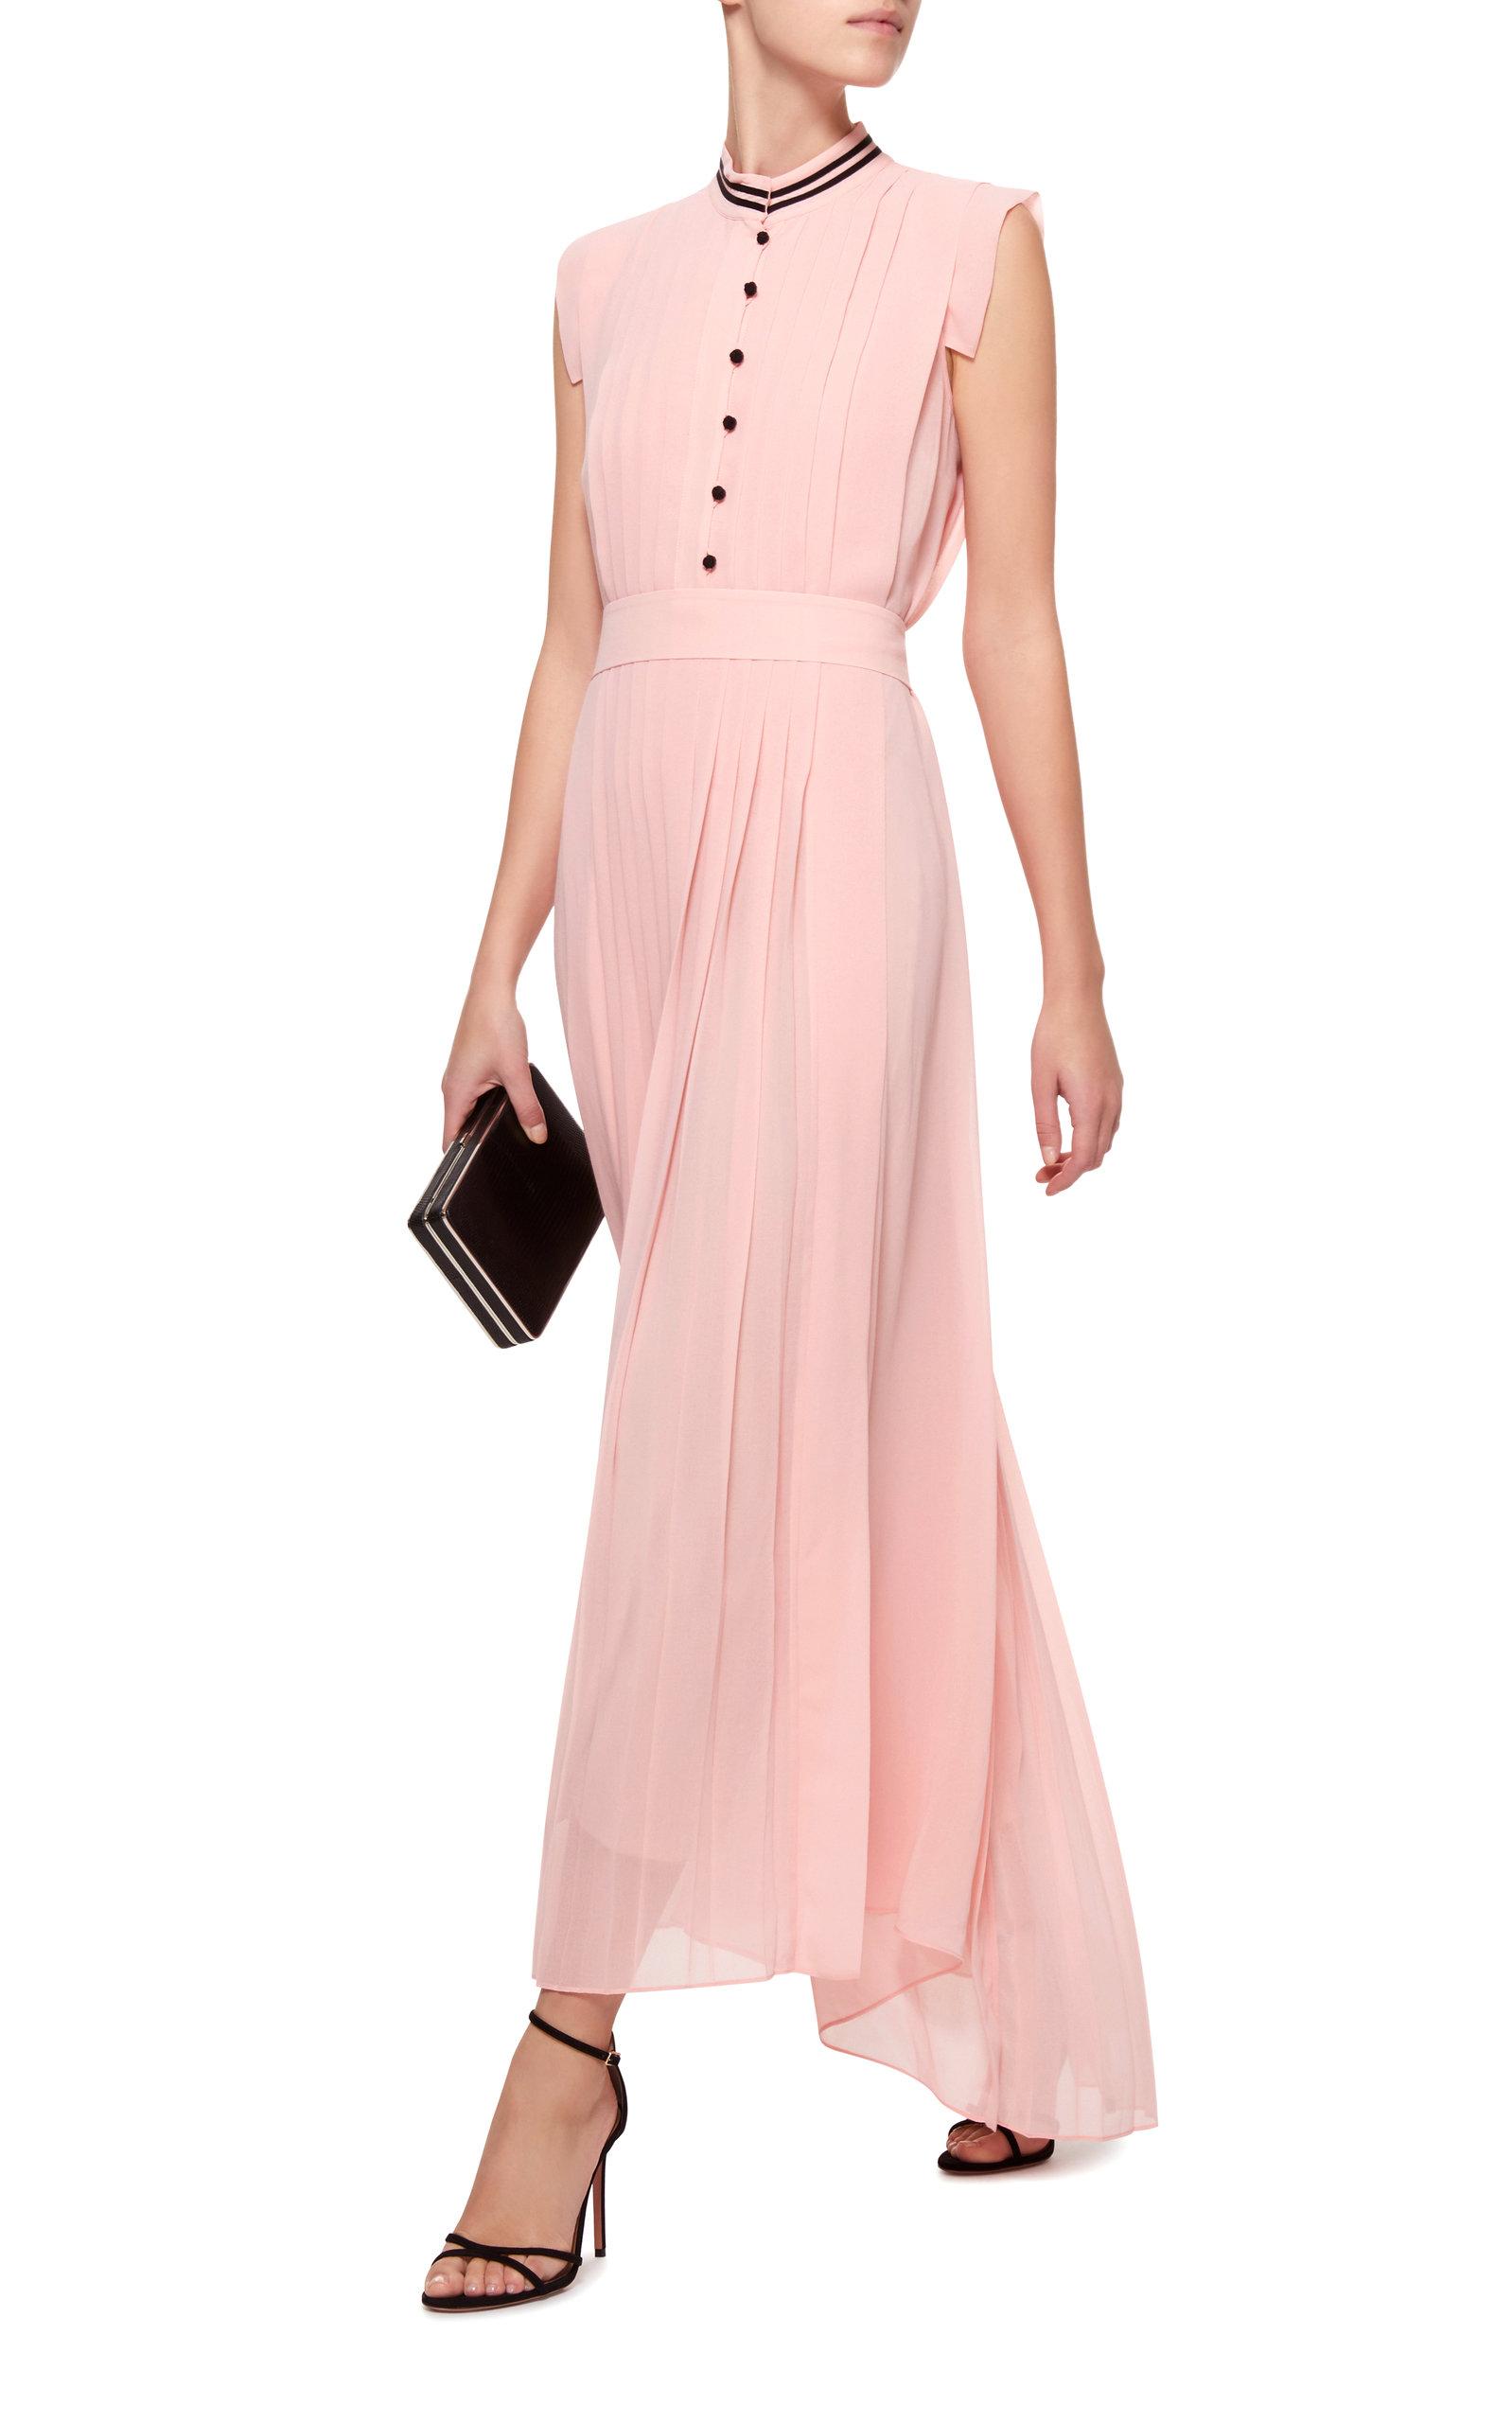 Encantador Vestidos De Dama Juliet Ornamento - Colección del Vestido ...